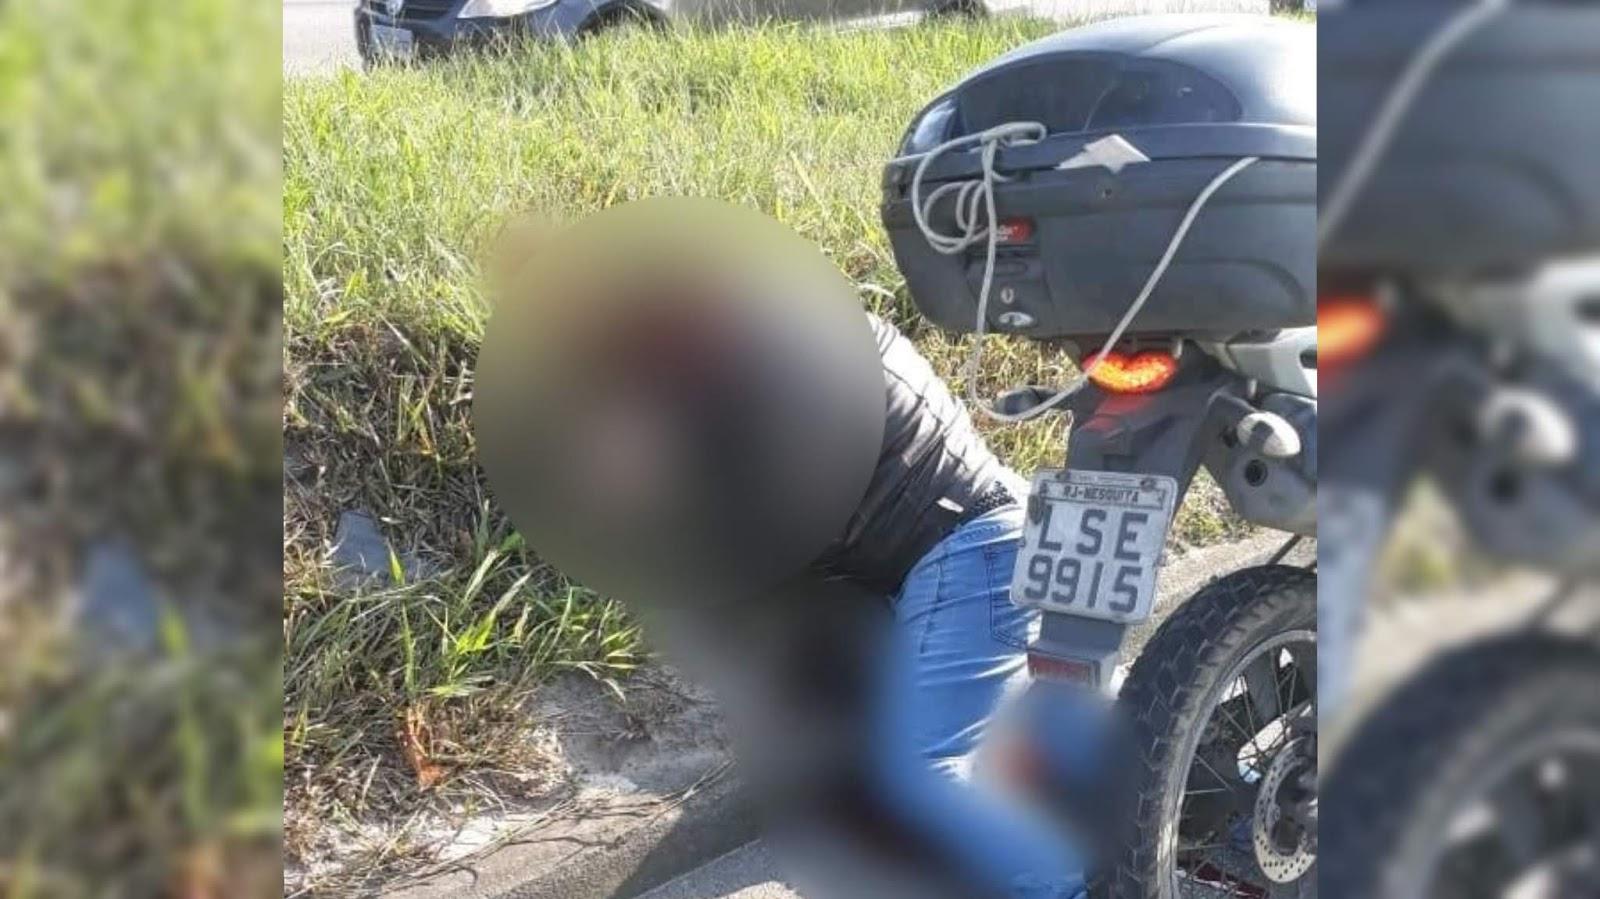 Policial Militar é preso após matar motociclista no Rio de Janeiro